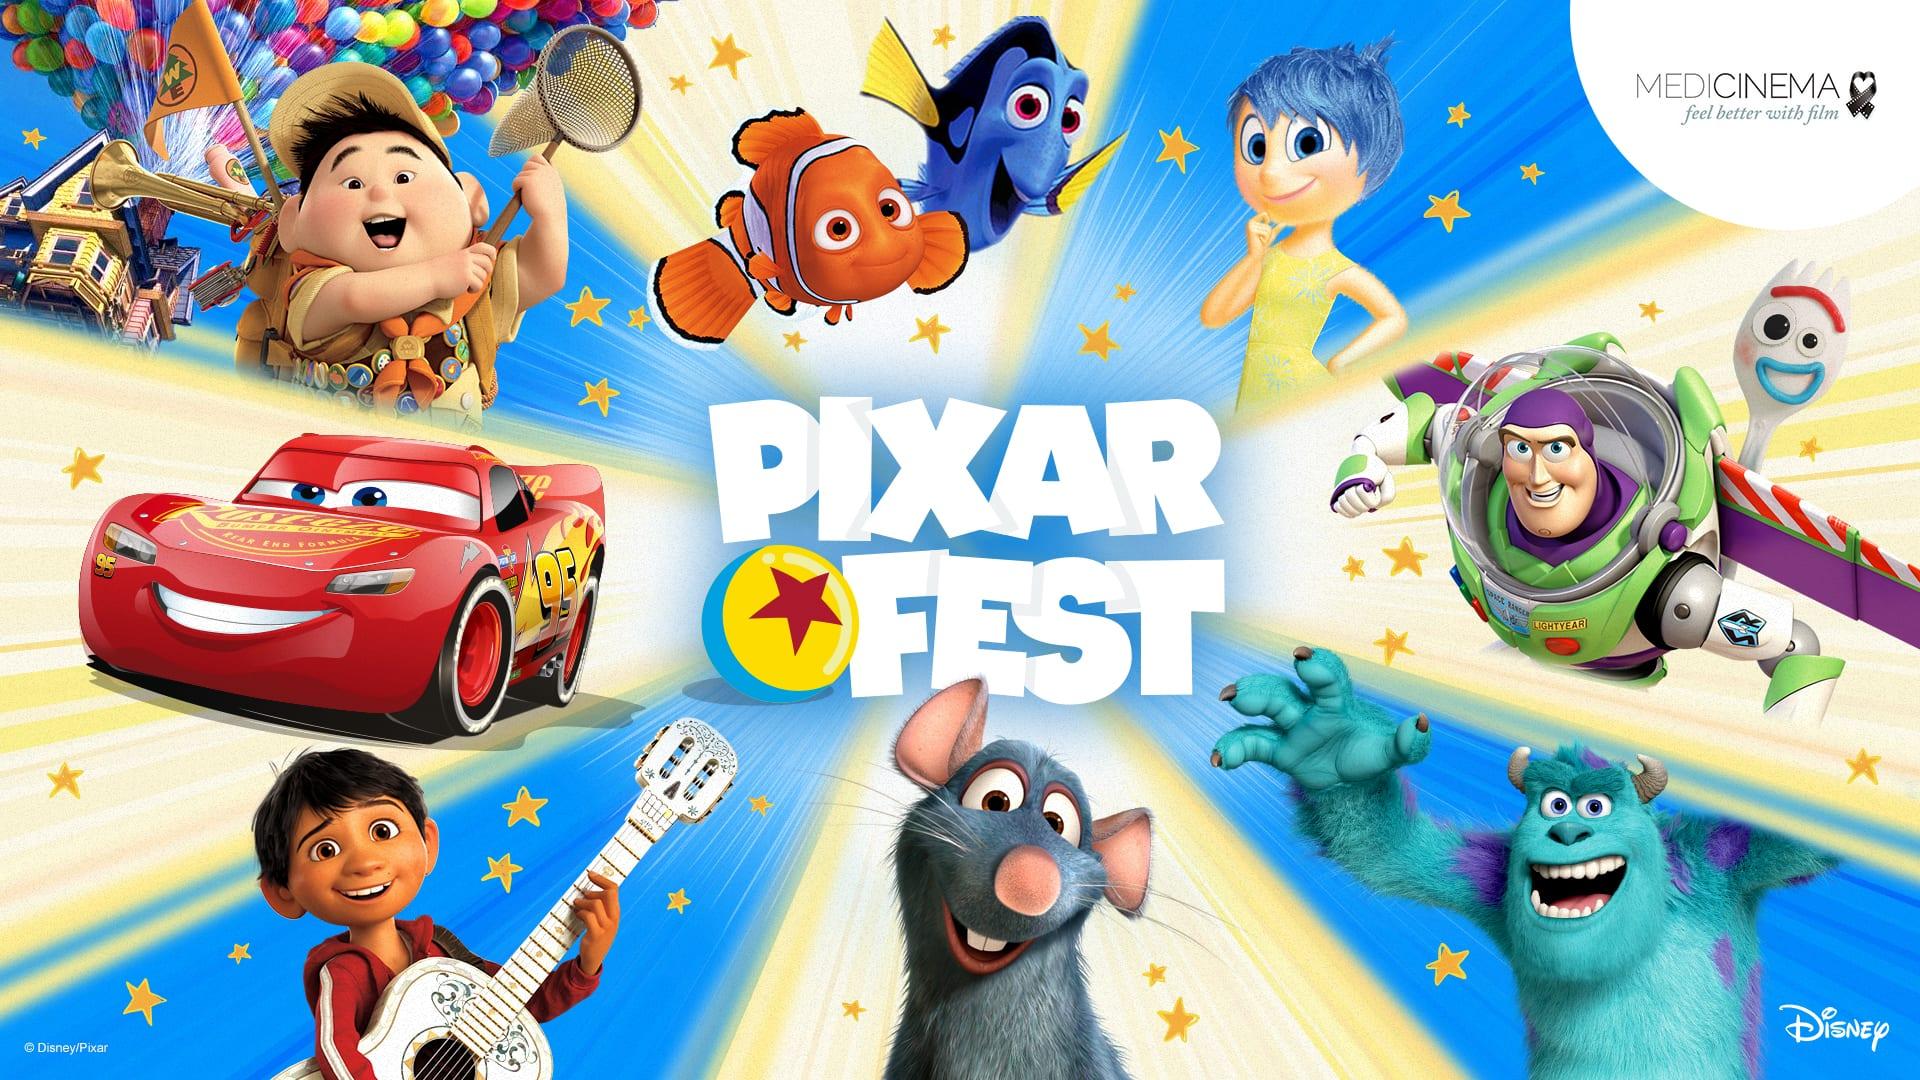 Pixar Fest: Disney lancia il Festival per celebrare i 25 anni di Toy Story